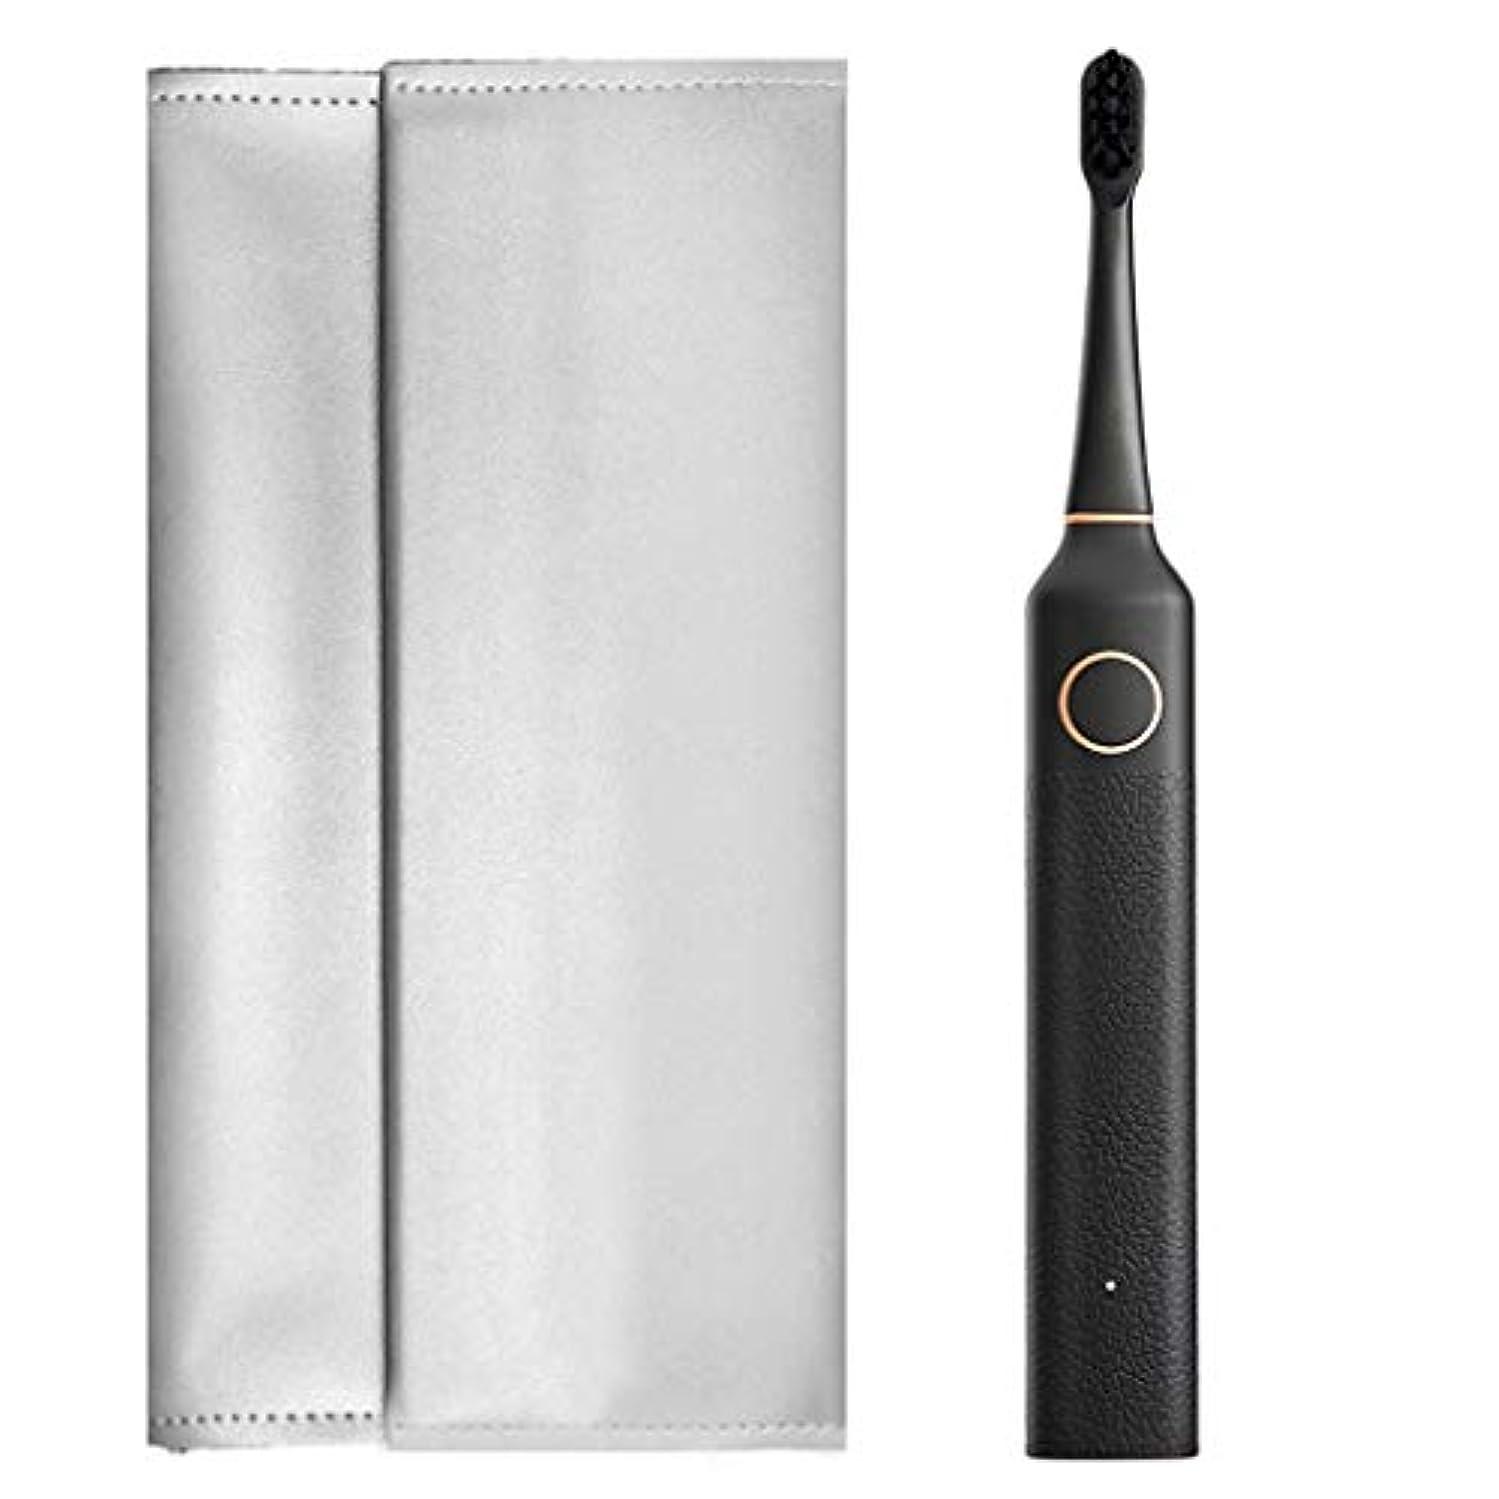 扇動する連帯寝室を掃除する大人の回転電動歯ブラシ、スマートタイマーと強力な電池寿命を備えた充電式歯ブラシ (色 : D)